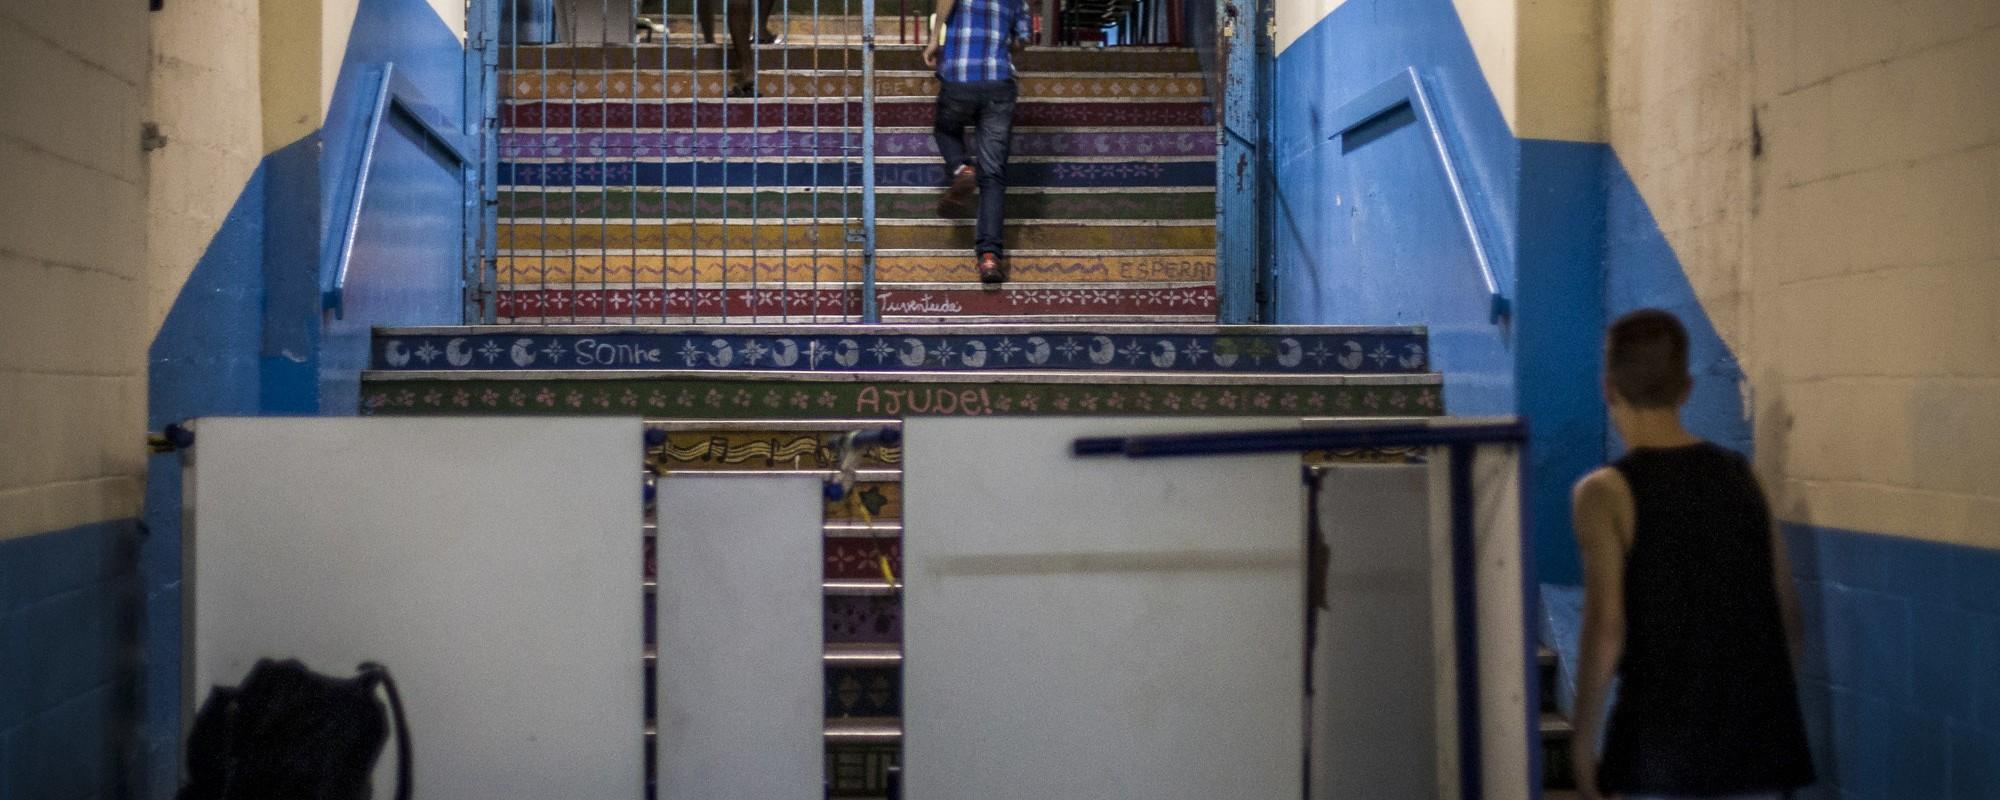 Diretoras Chamam a Polícia em Escolas Estaduais Ocupadas na Zona Sul de São Paulo